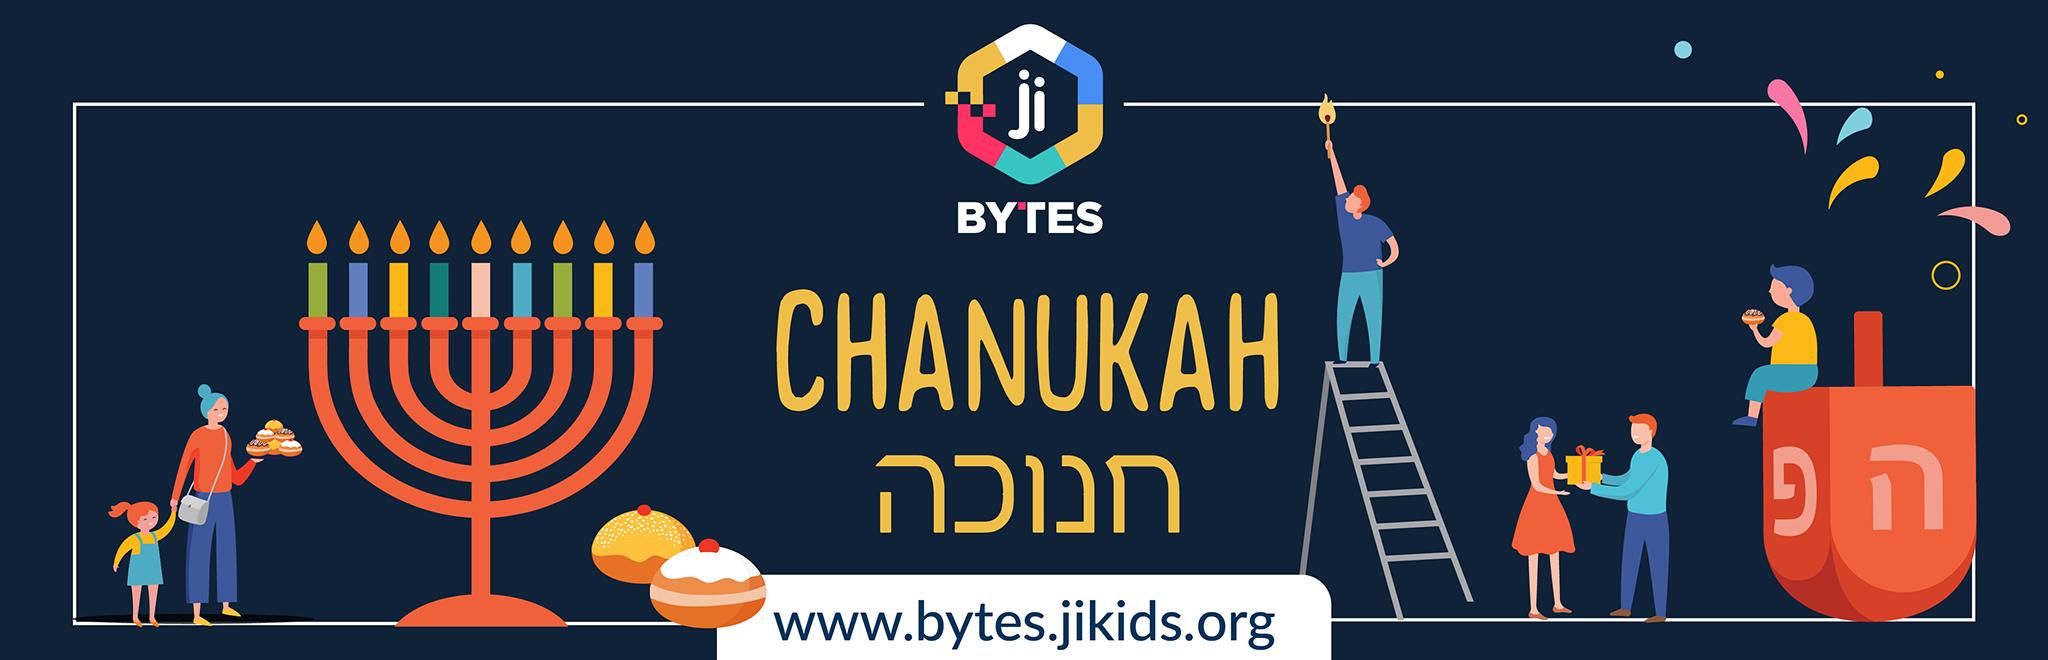 Chanukah Bytes